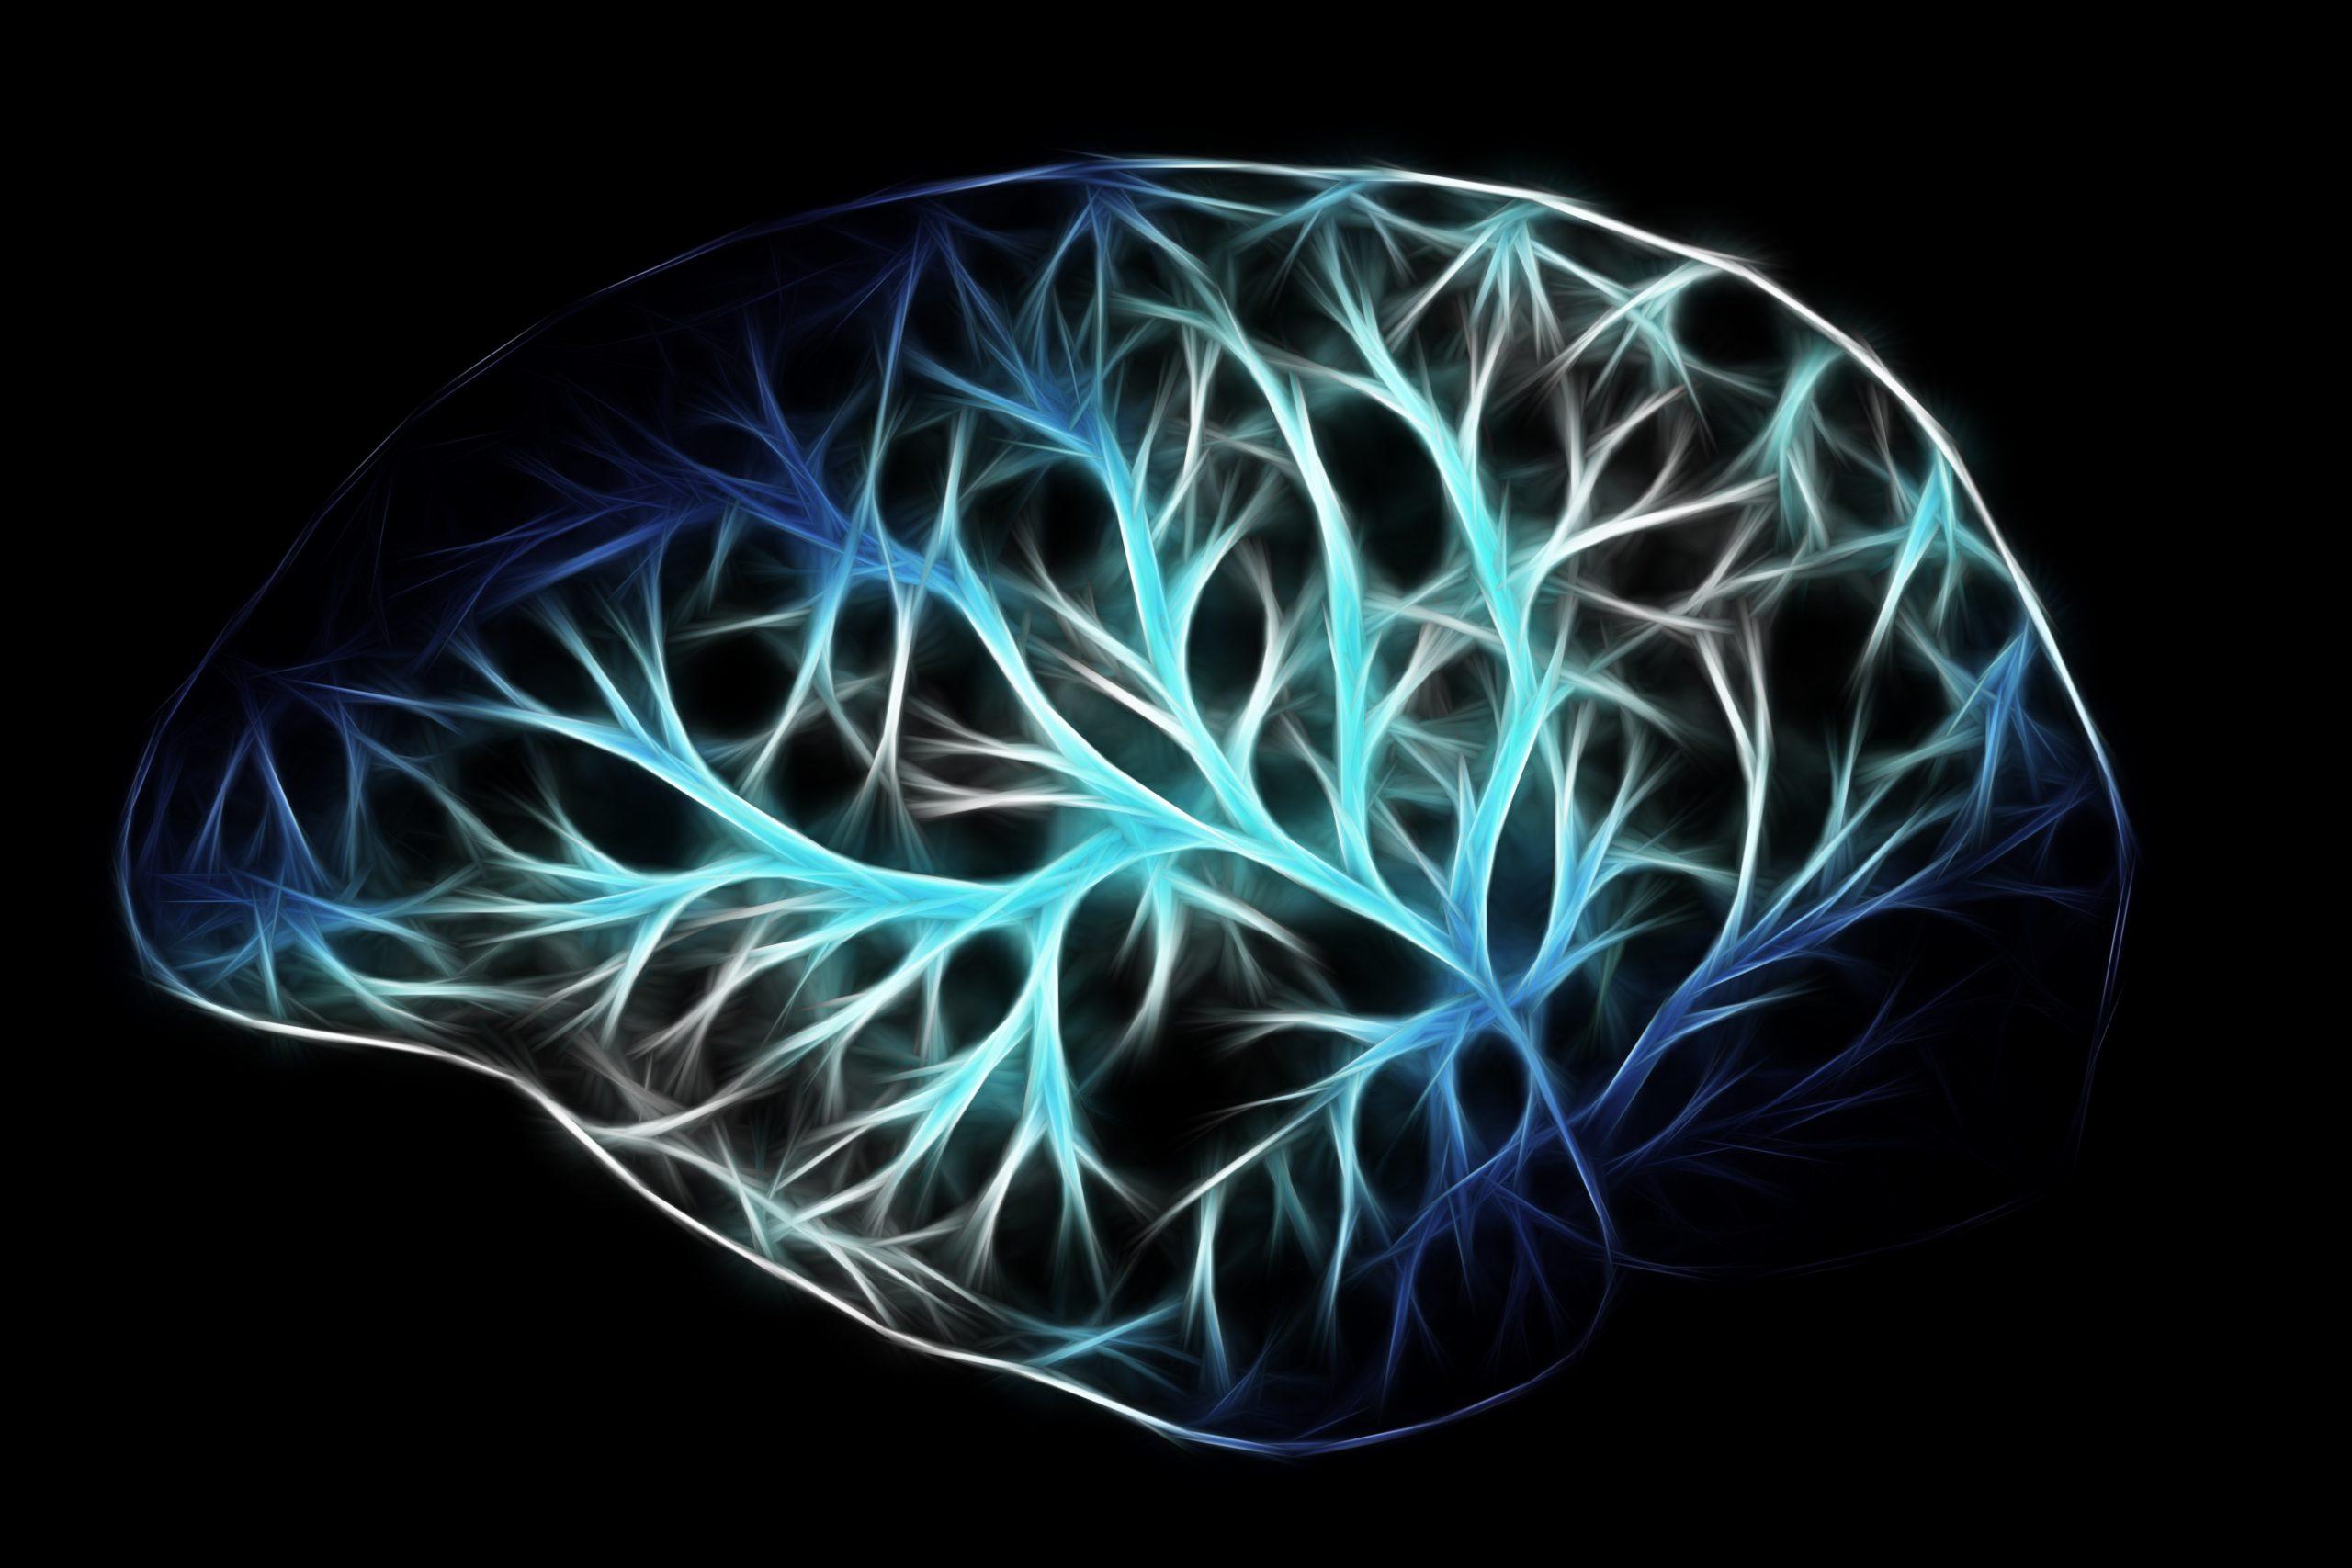 stilisierte Darstellung eines Gehirns zur Illustration der beschriebenen Vorgänge im Gehirn während der Hypnose